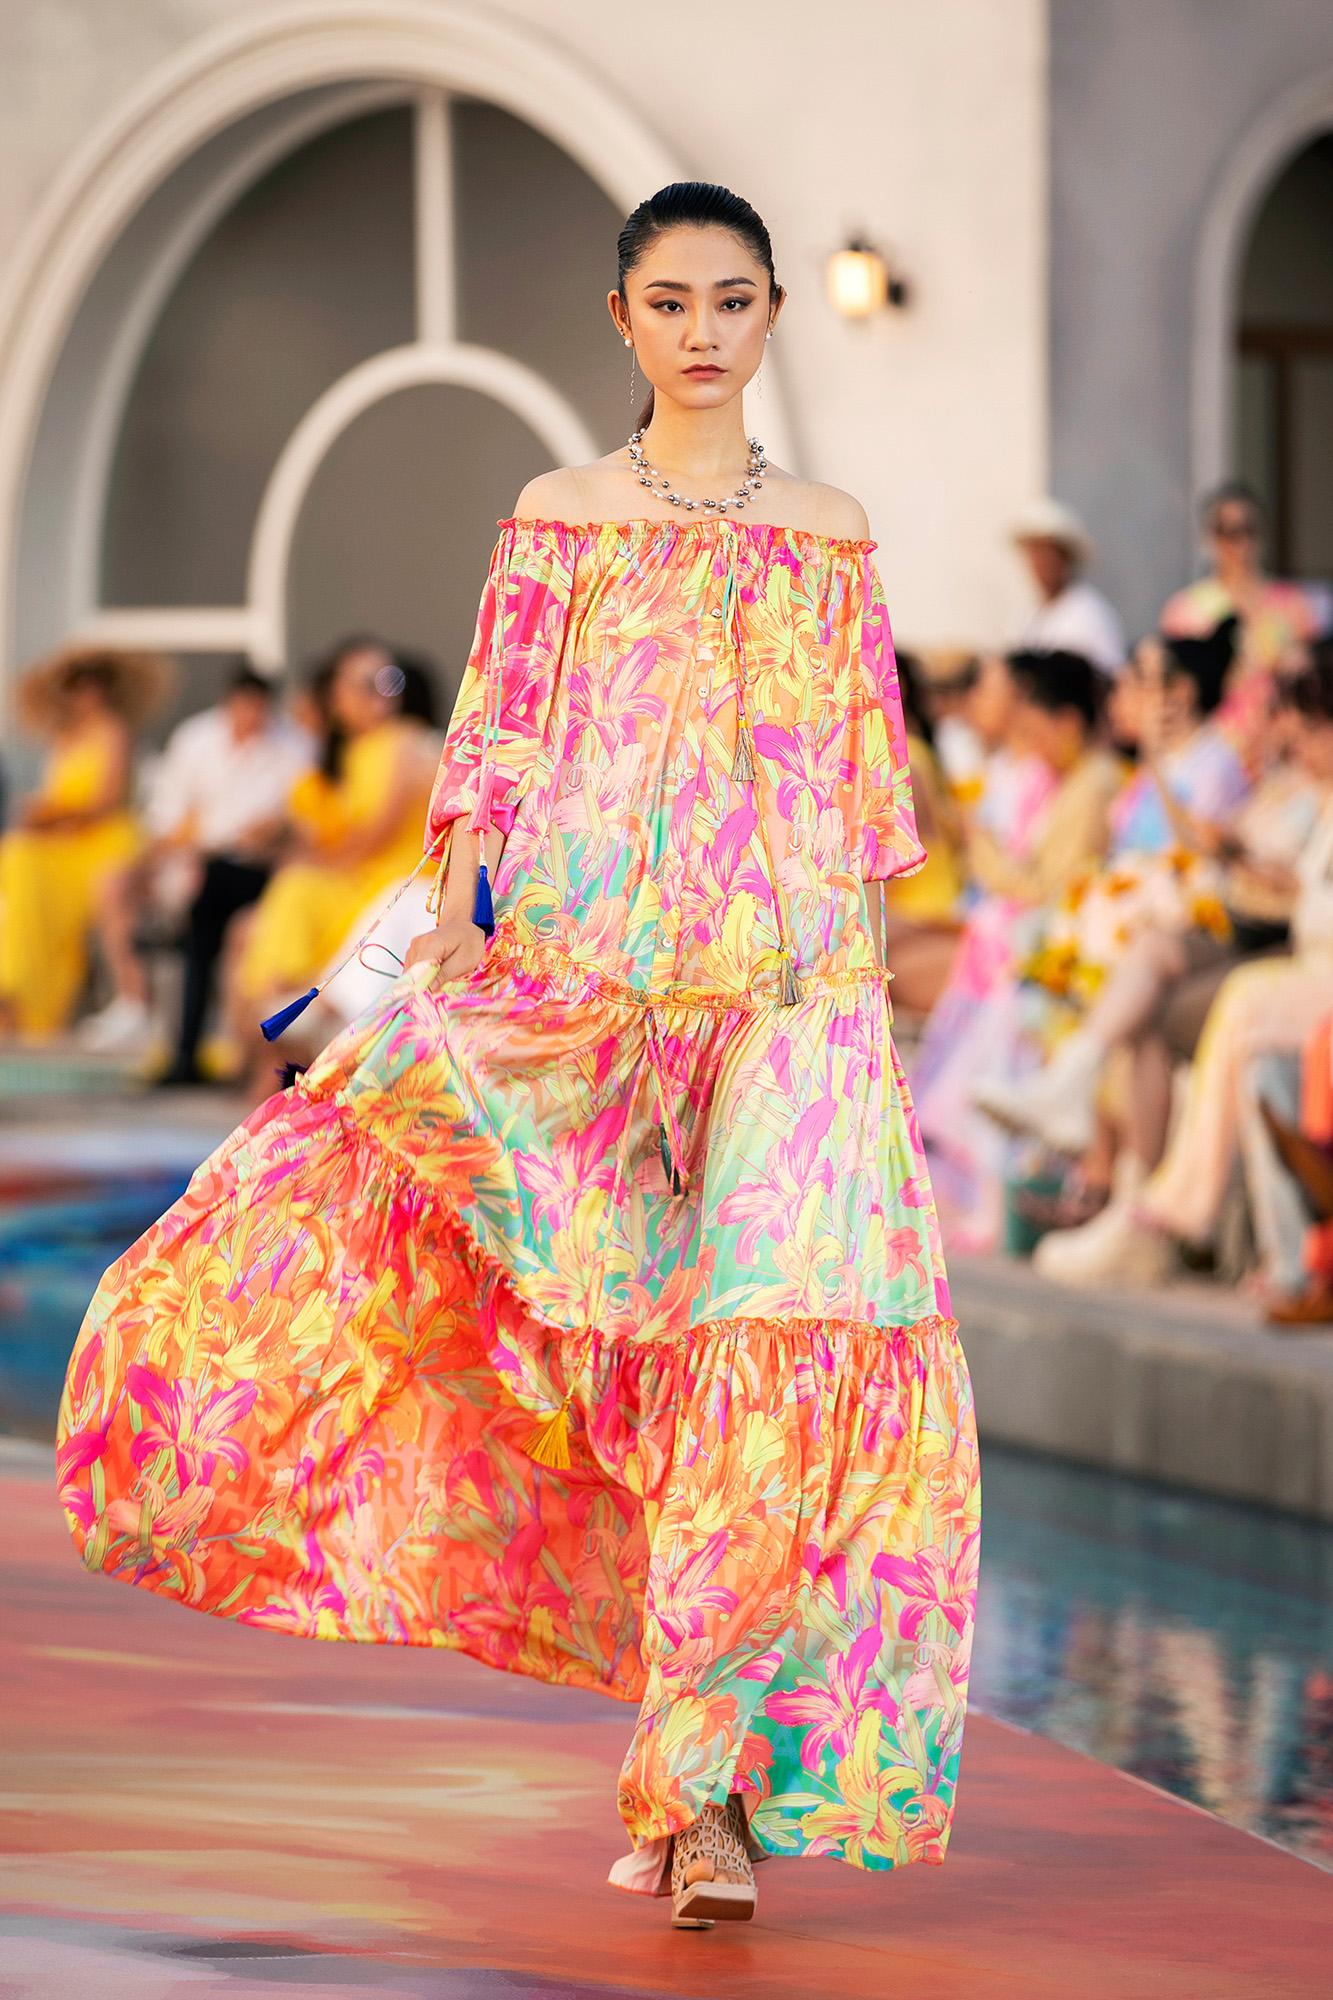 Người mẫu Trà My - Á quân Vietnams Next Top Model 2011 - nổi bật với đầm hoạ tiết hoa màu nổi.